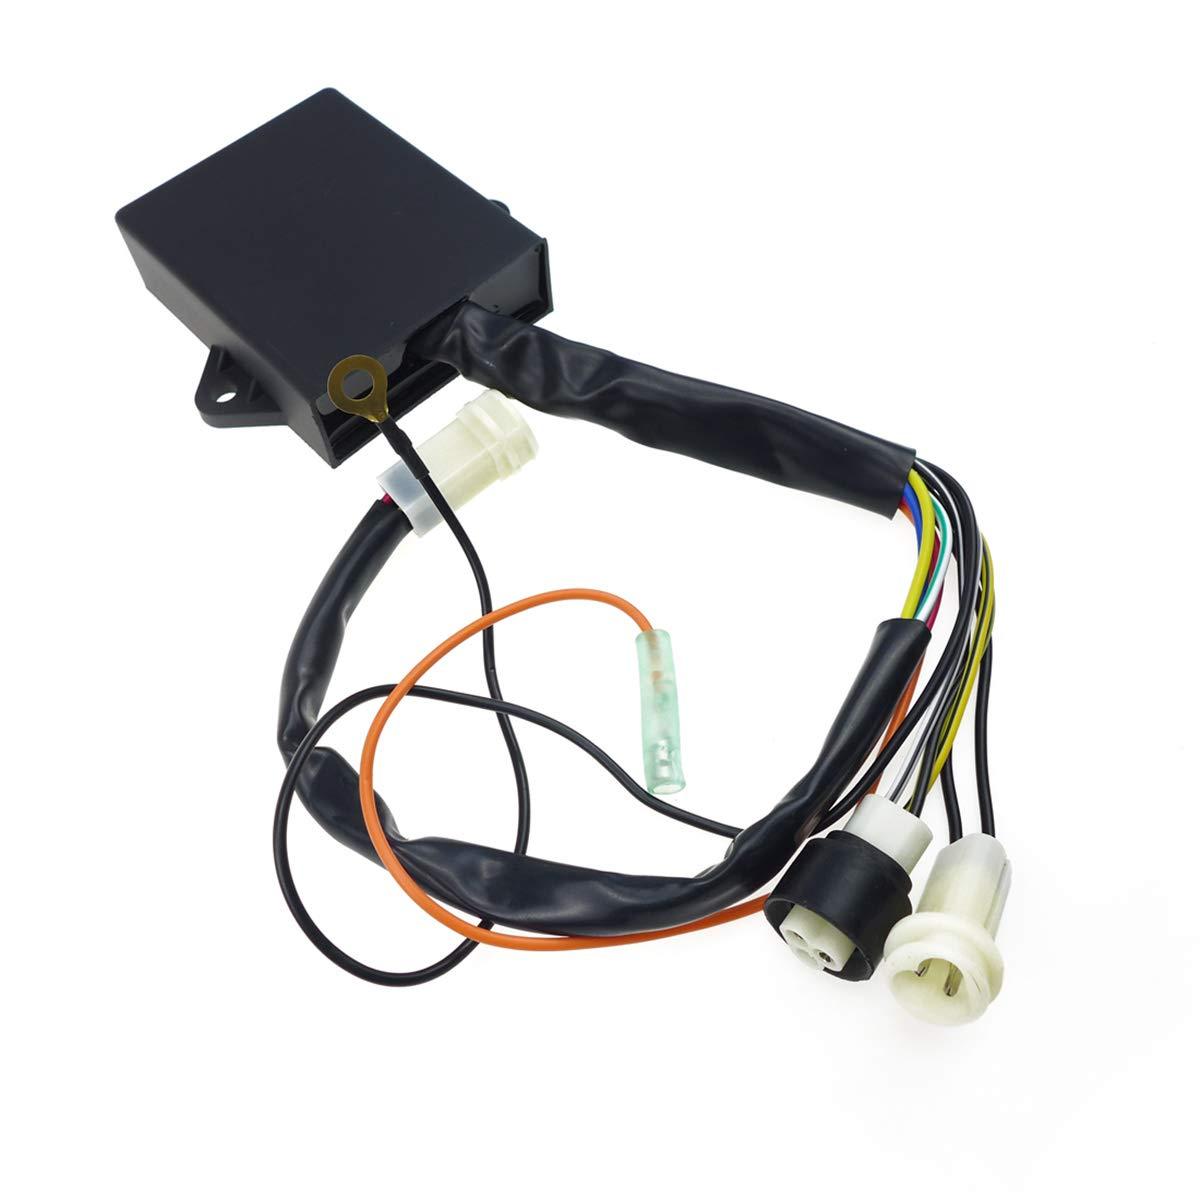 3HN-85540-10-00 Ignition CDI Box for Yamaha Big Bear YFM350FW 4x4 Moto-4 YFM350ER 1990 1991 1992 1993 1994